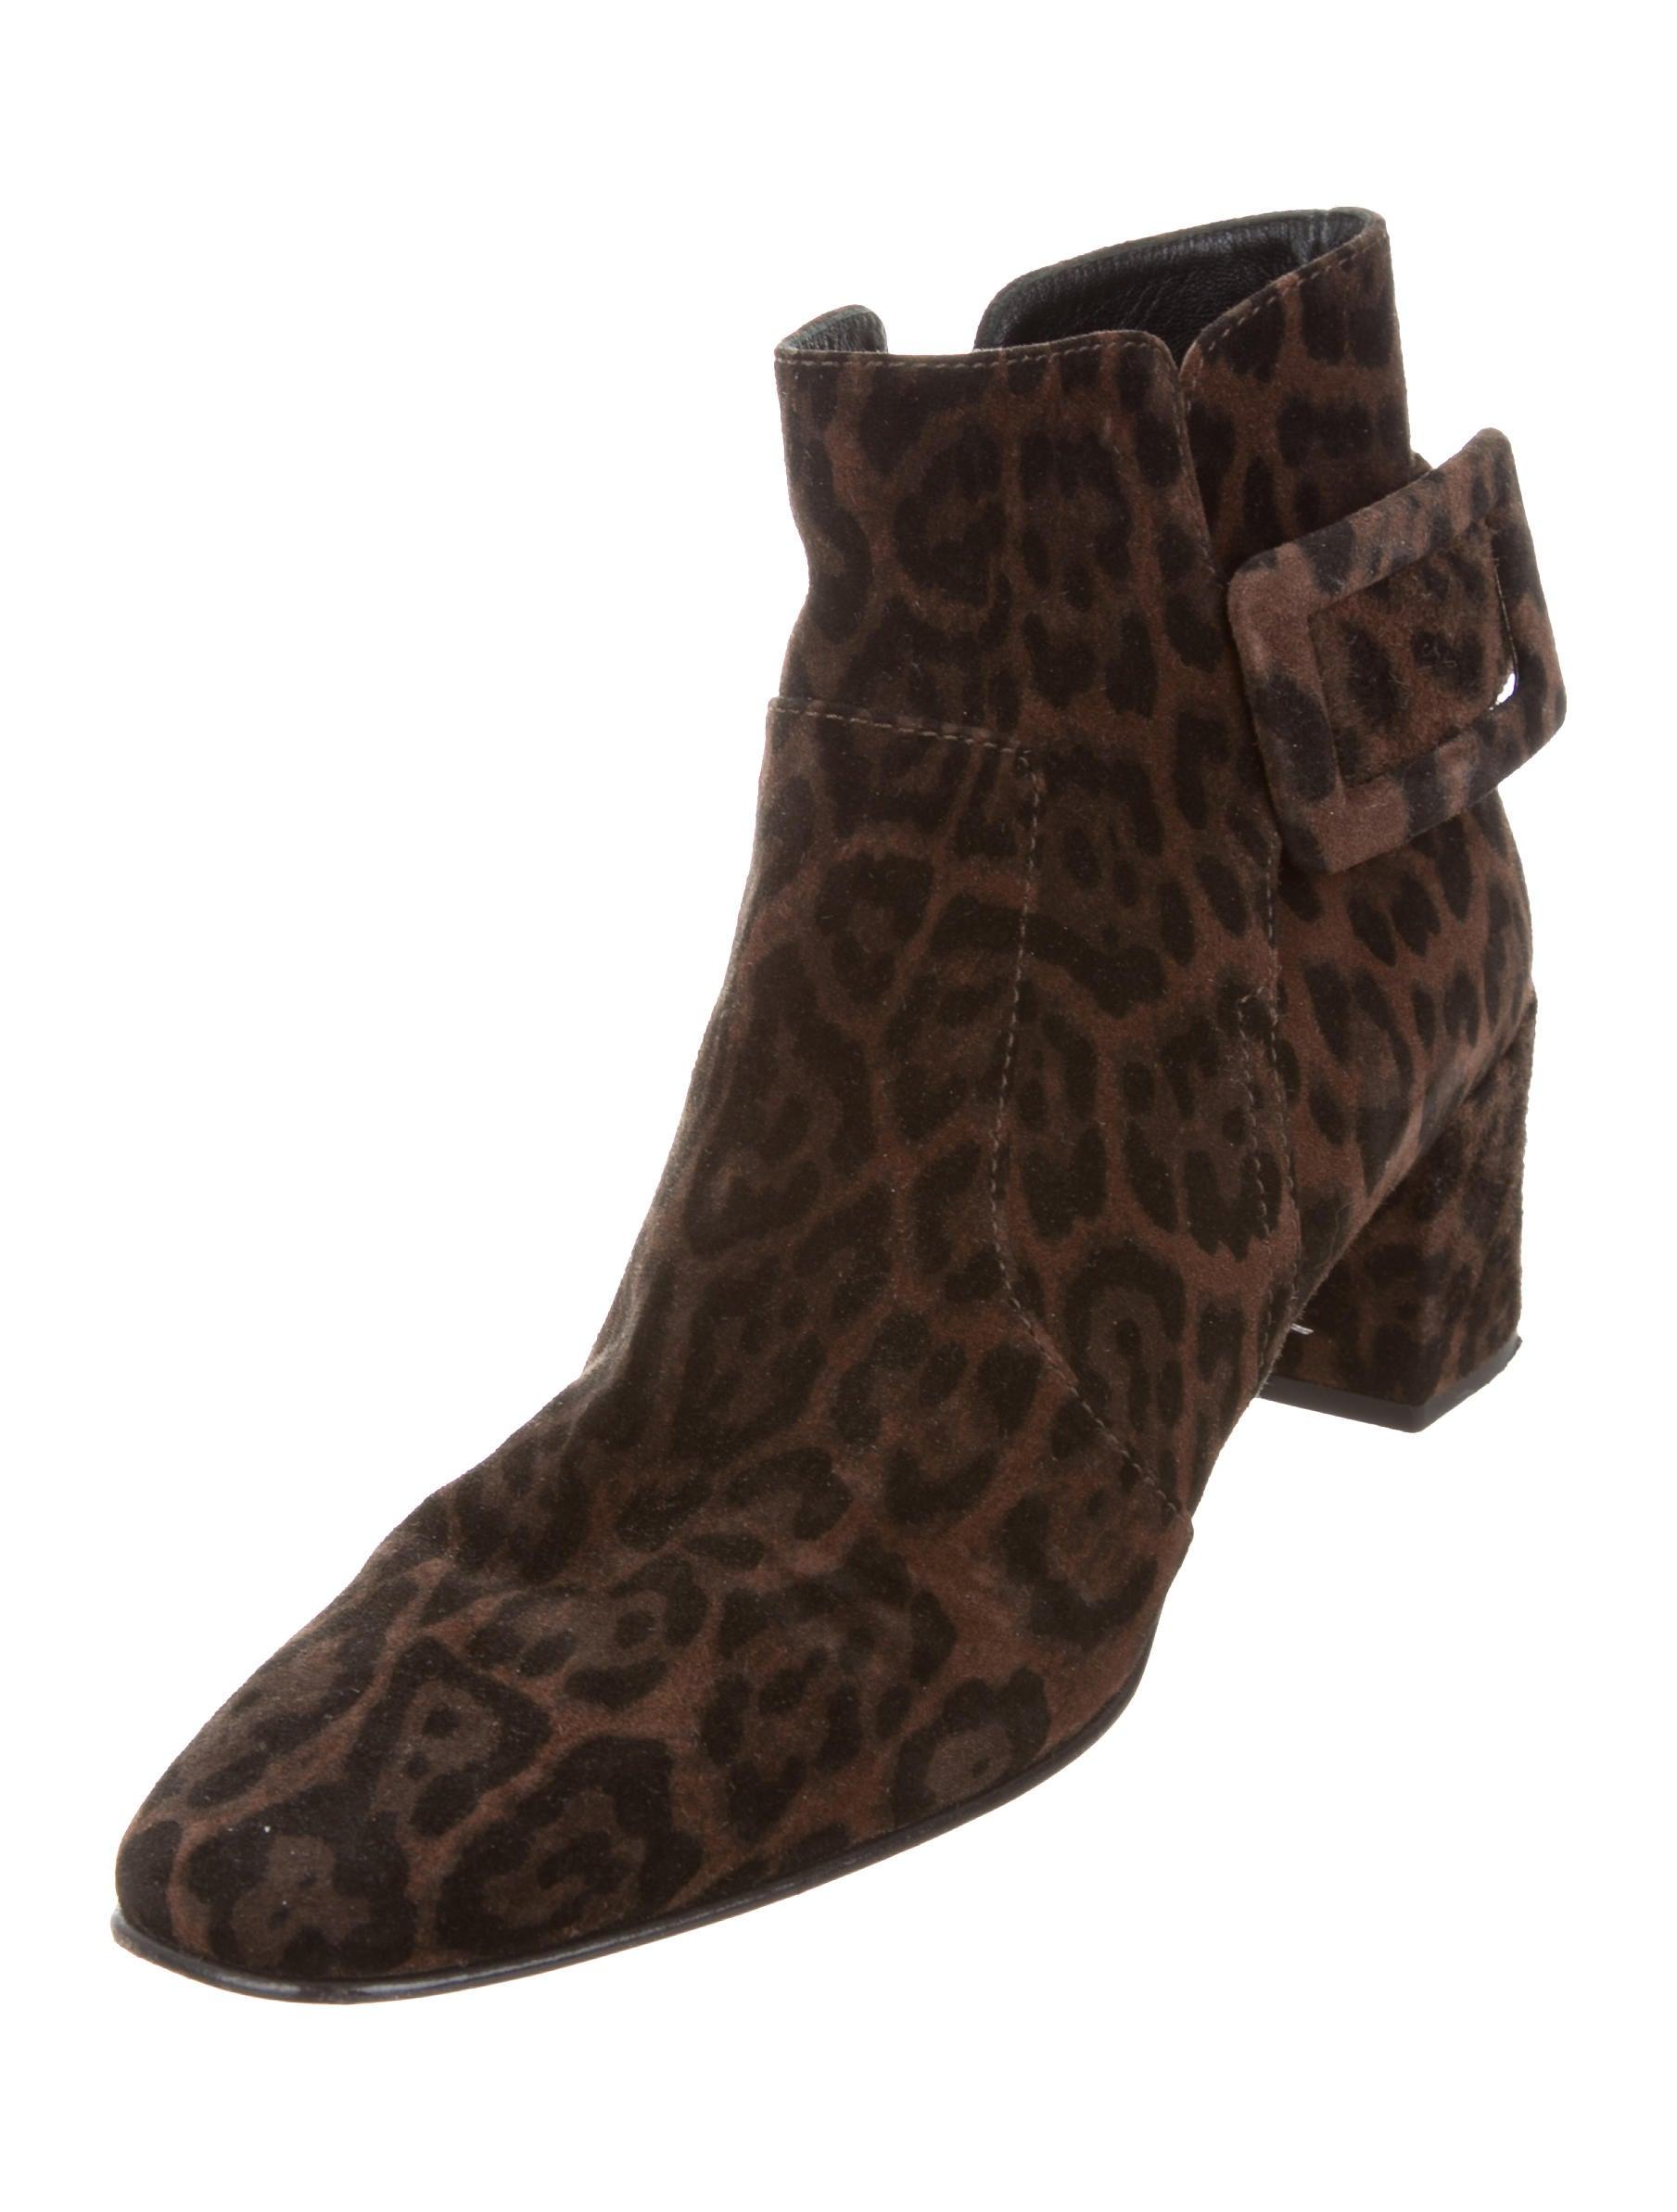 Roger Vivier Leopard Print Ankle Boots Shoes Rov24809